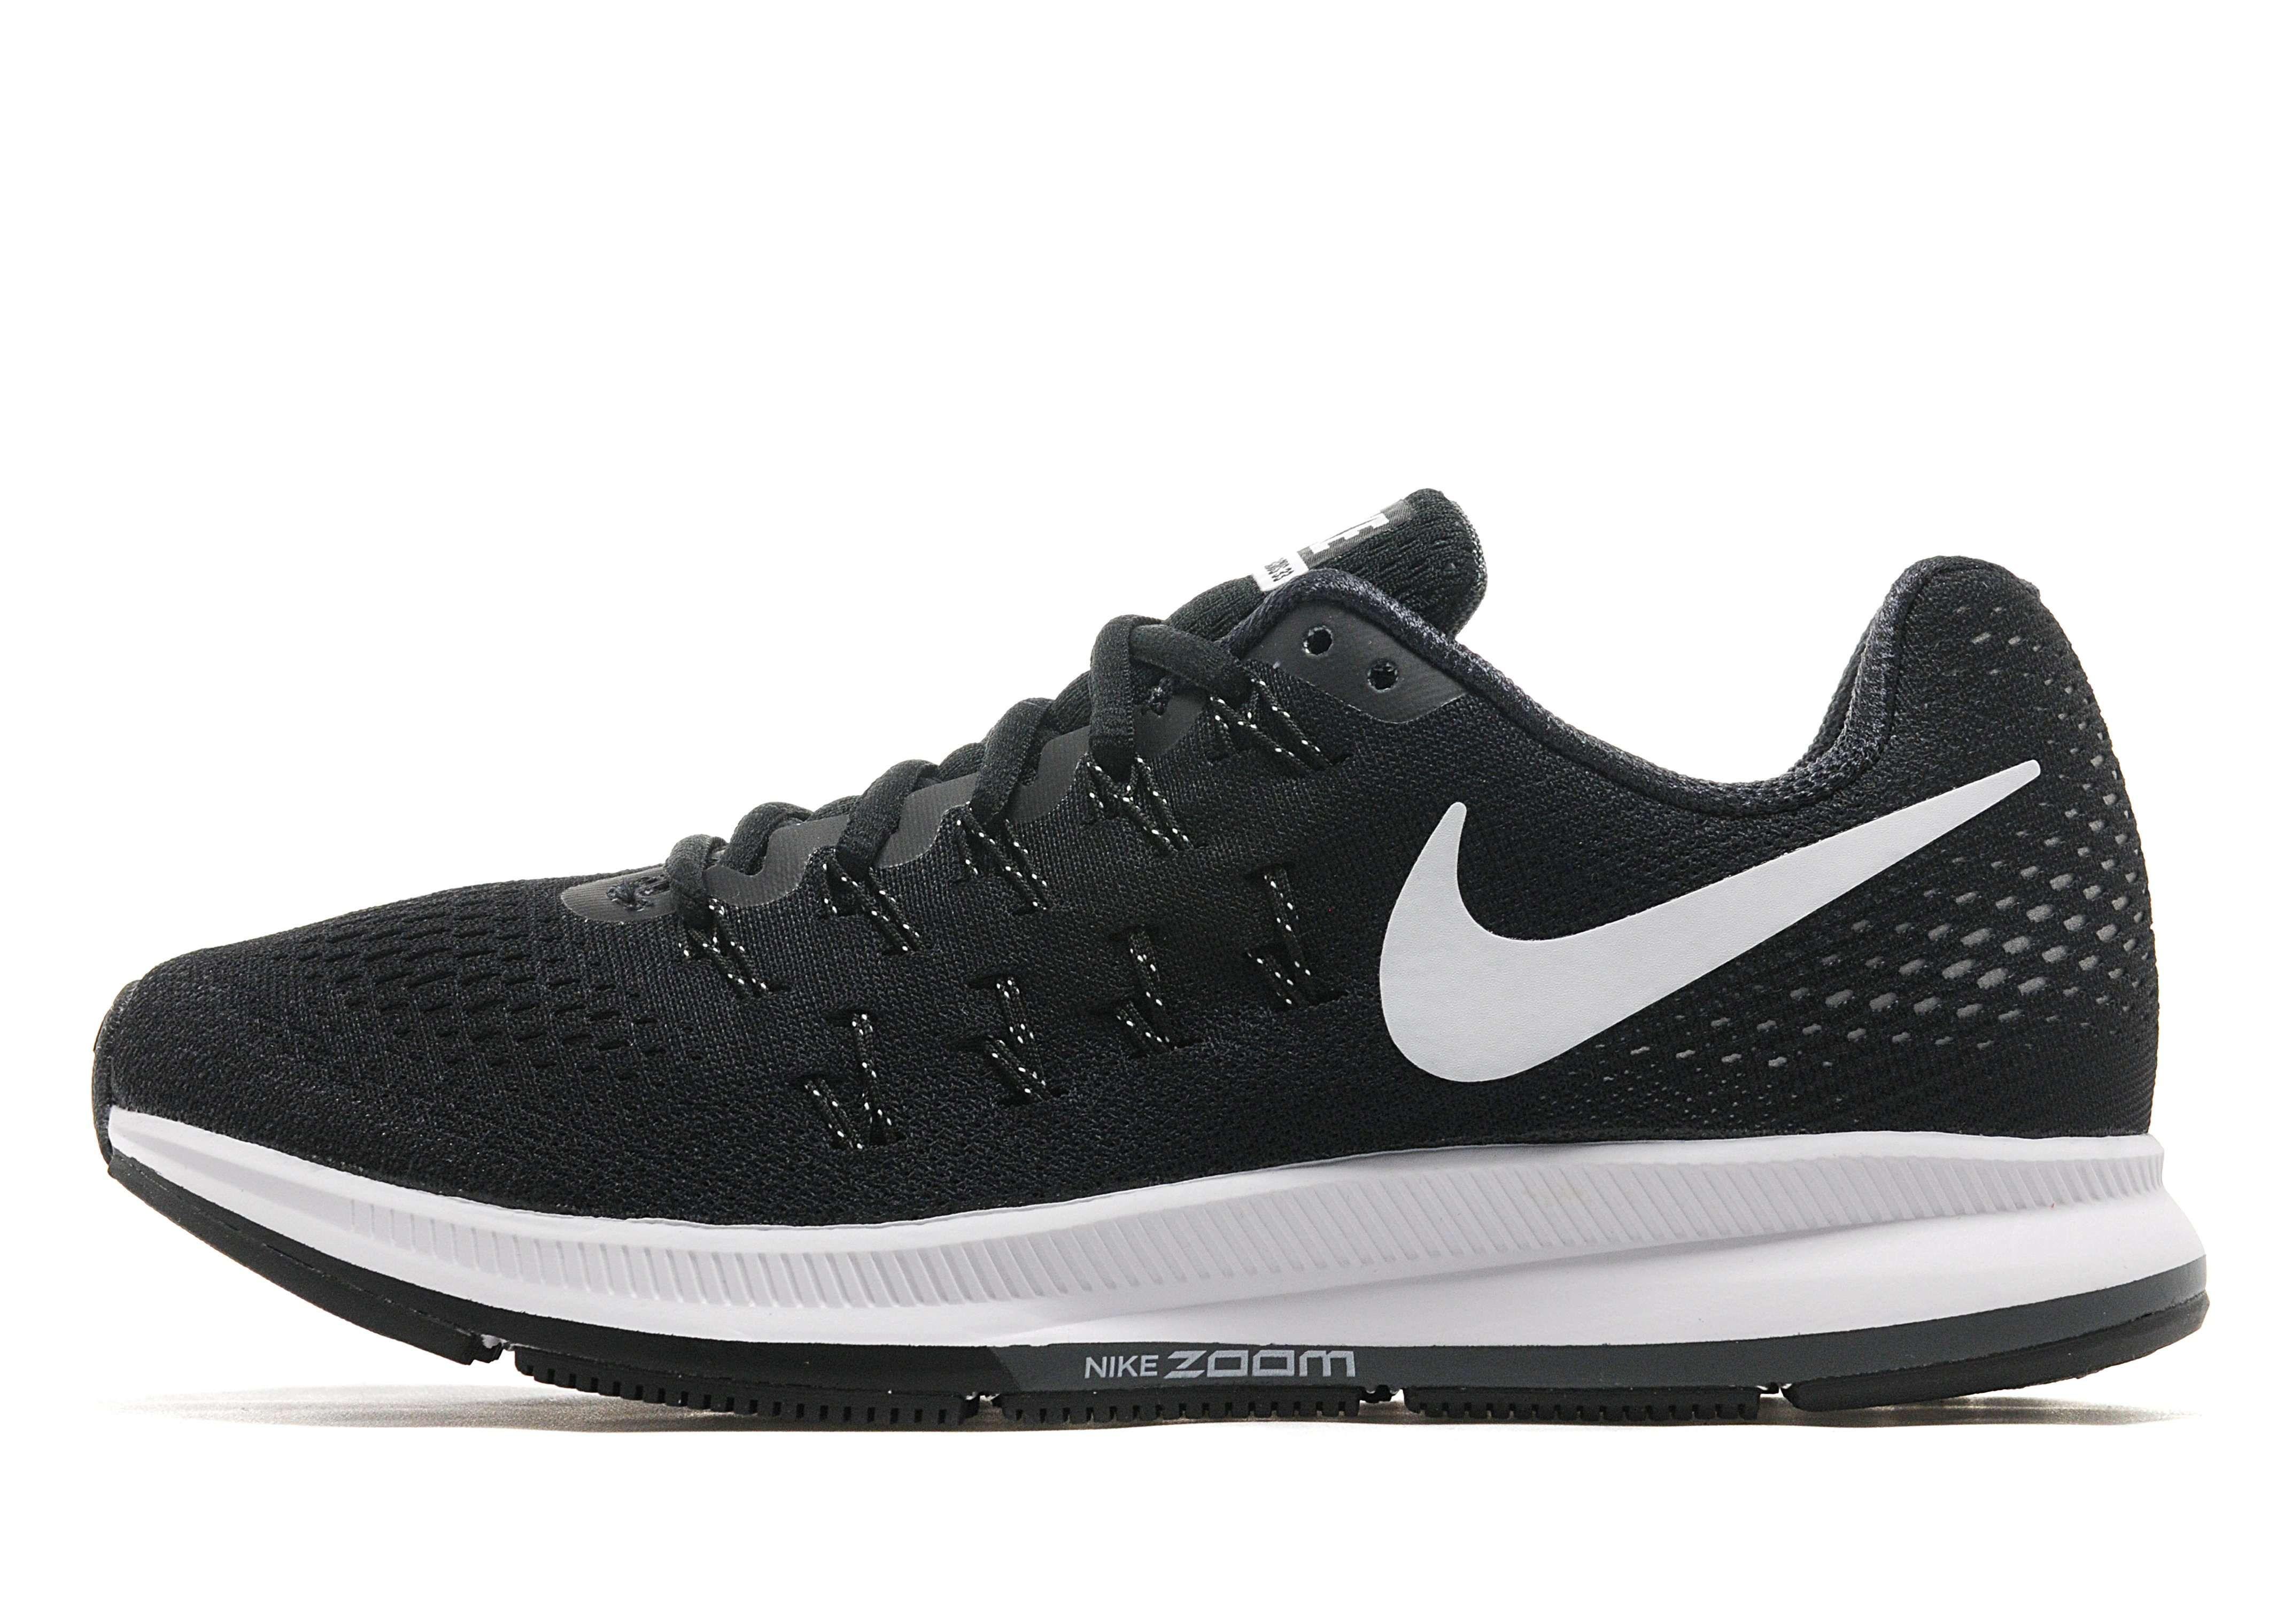 2c6bac5faaea Nike Zoom Pegasus 33 Women s - Shop online for Nike Zoom Pegasus 33 Women s  with JD Sports